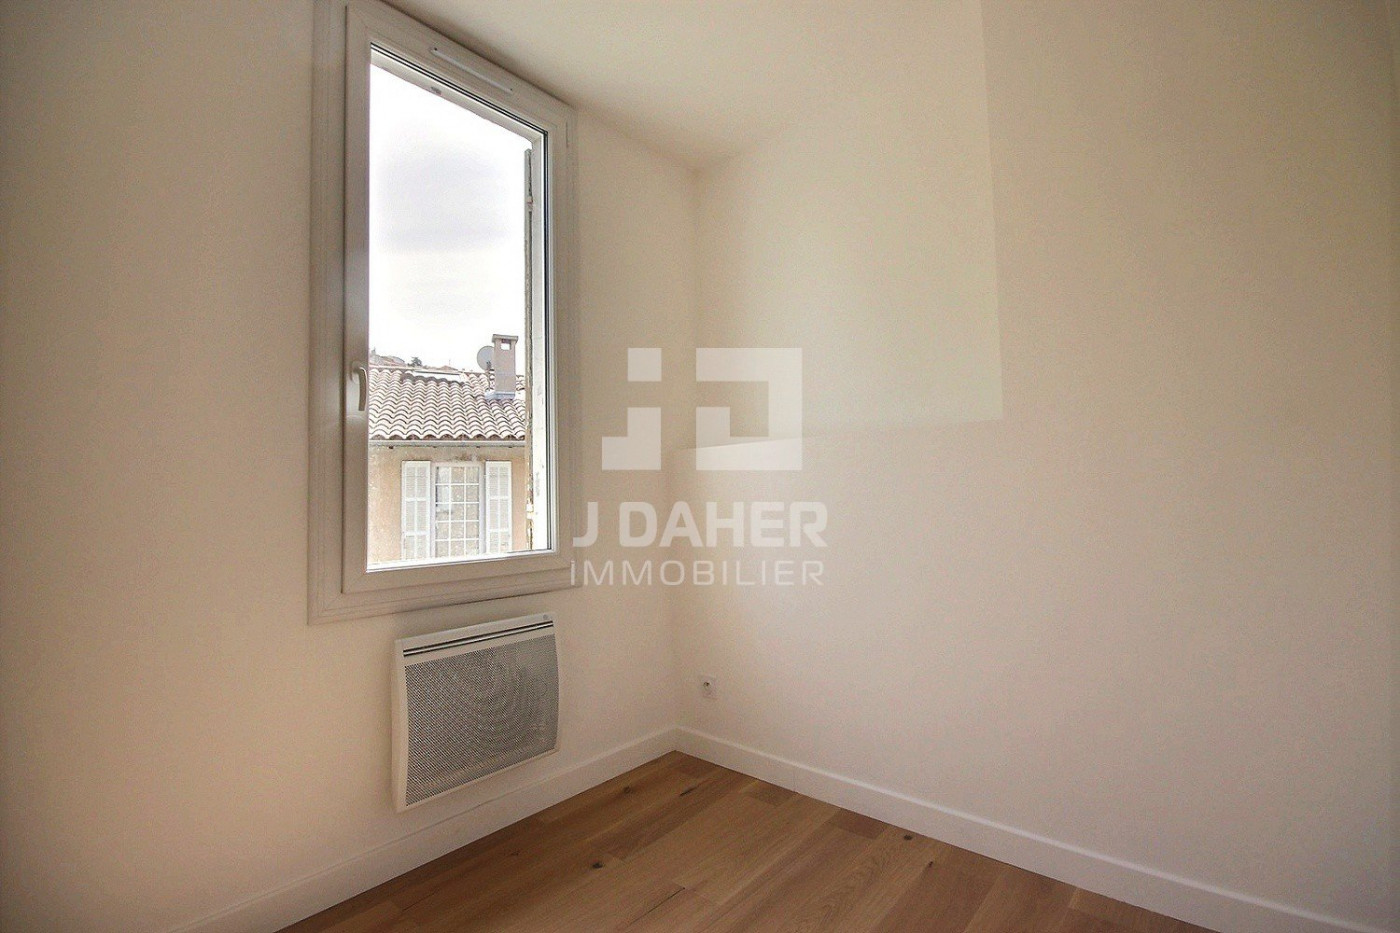 A vendre Marseille 6eme Arrondissement 13025804 J daher immobilier